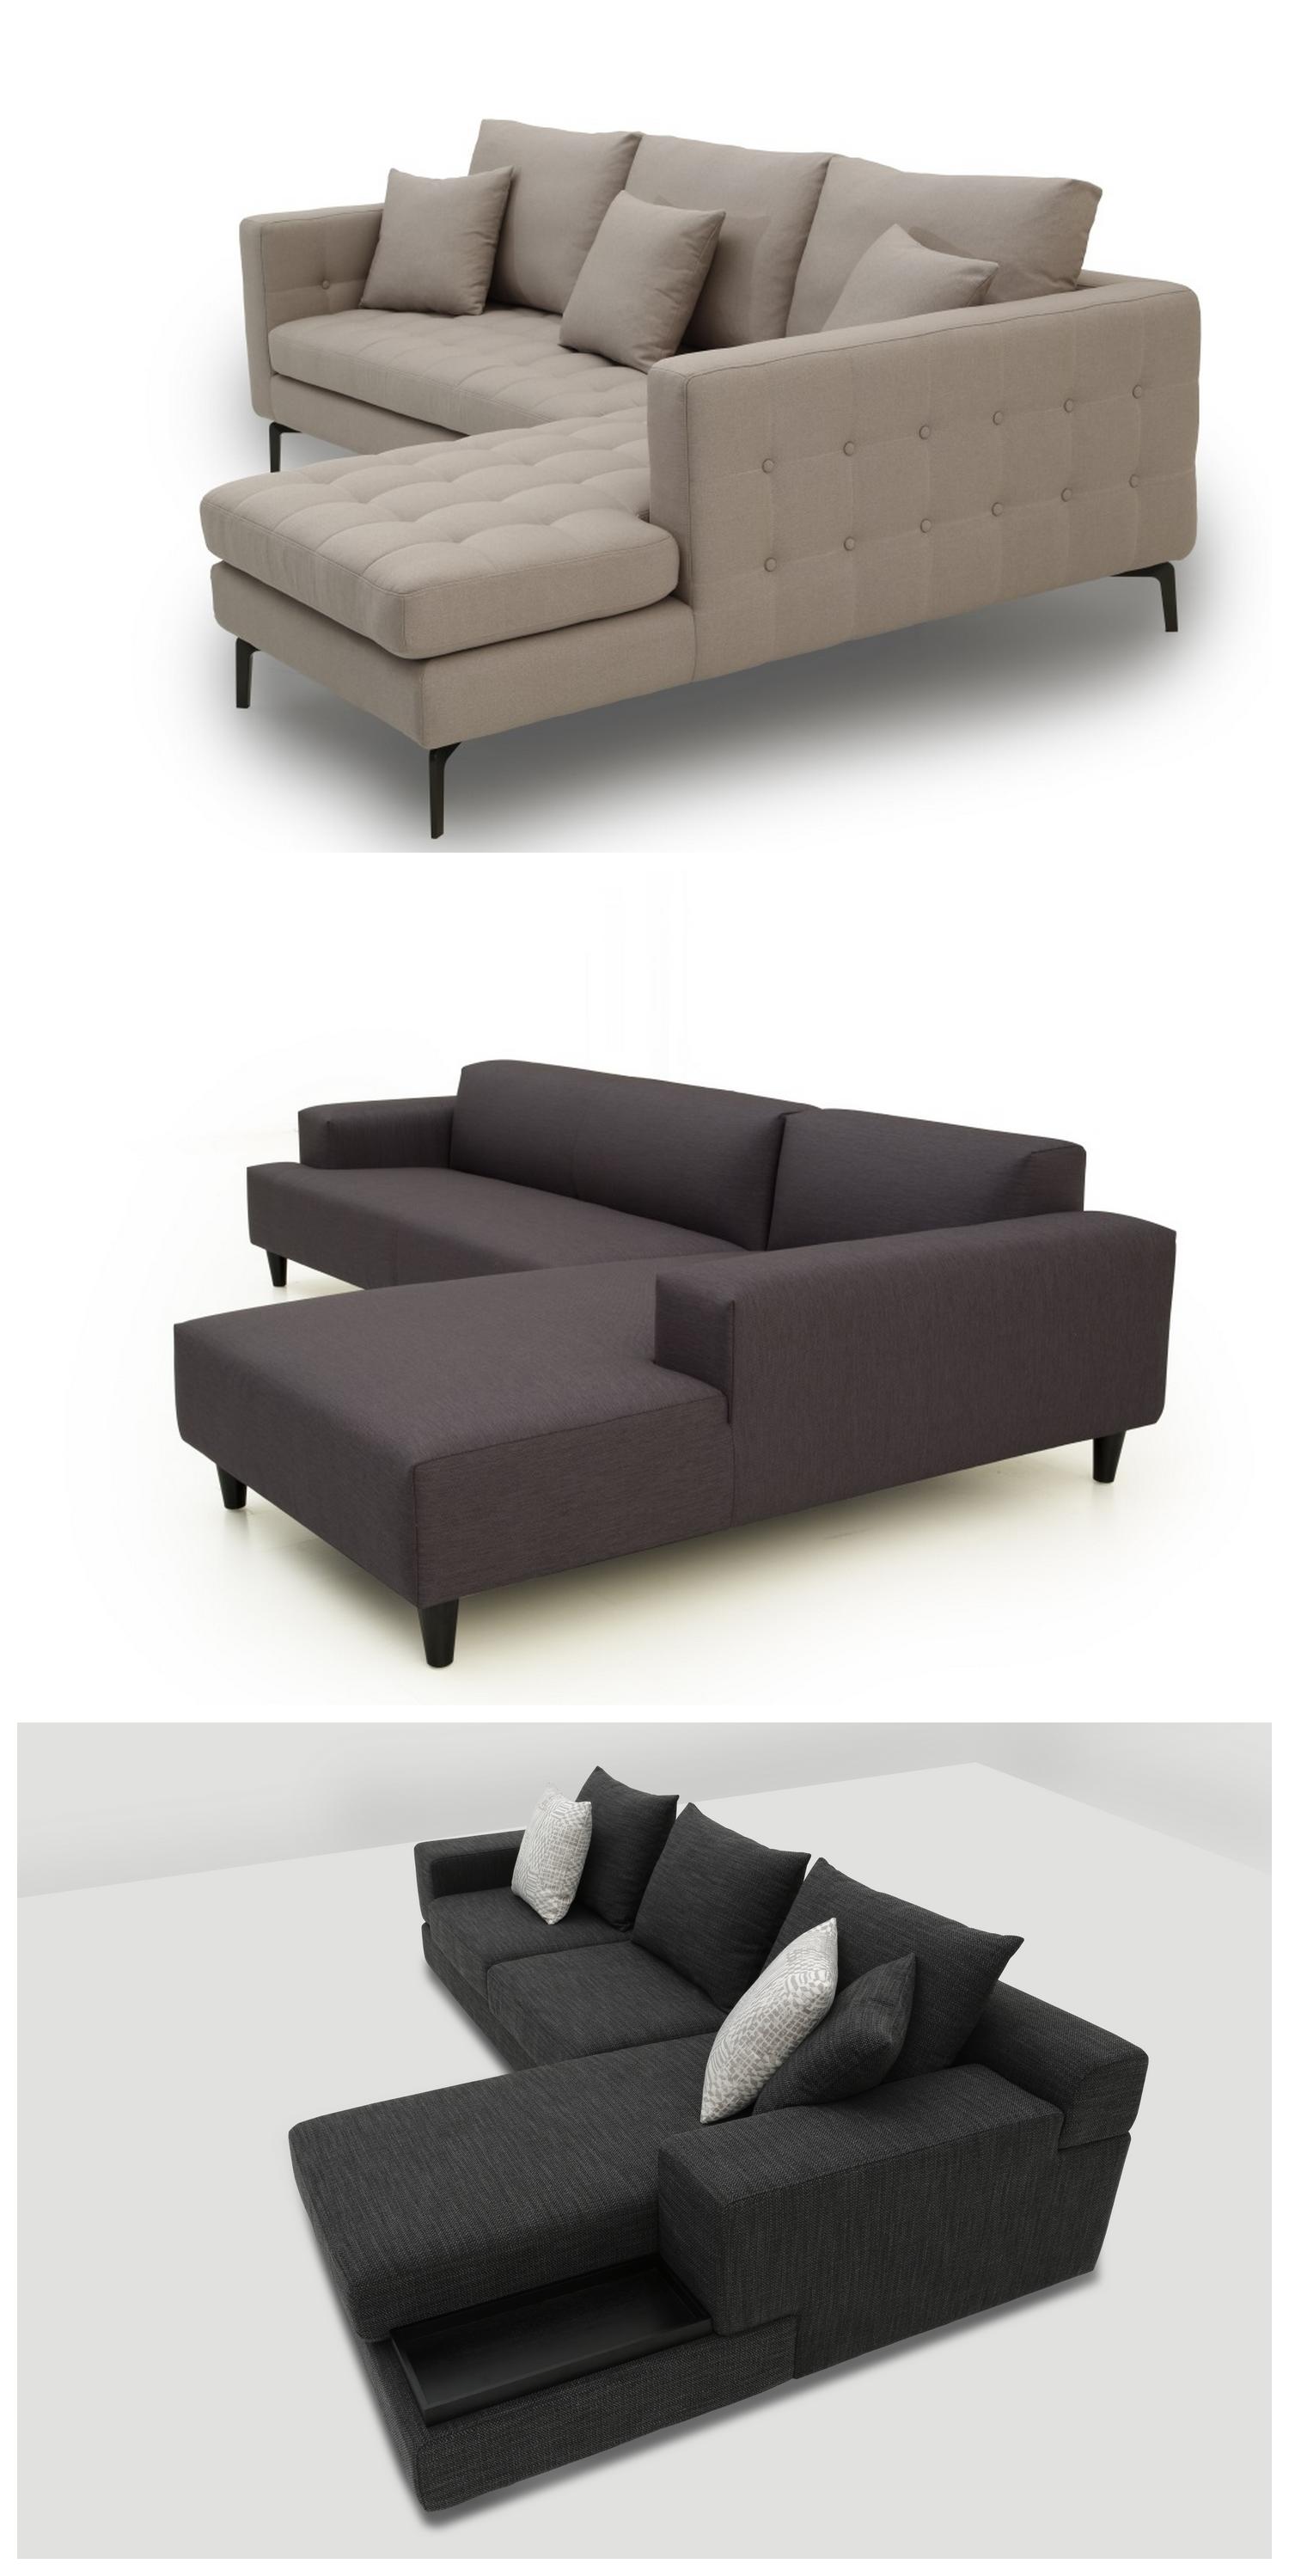 Pin by martina de mendoza on sofas pinterest modern